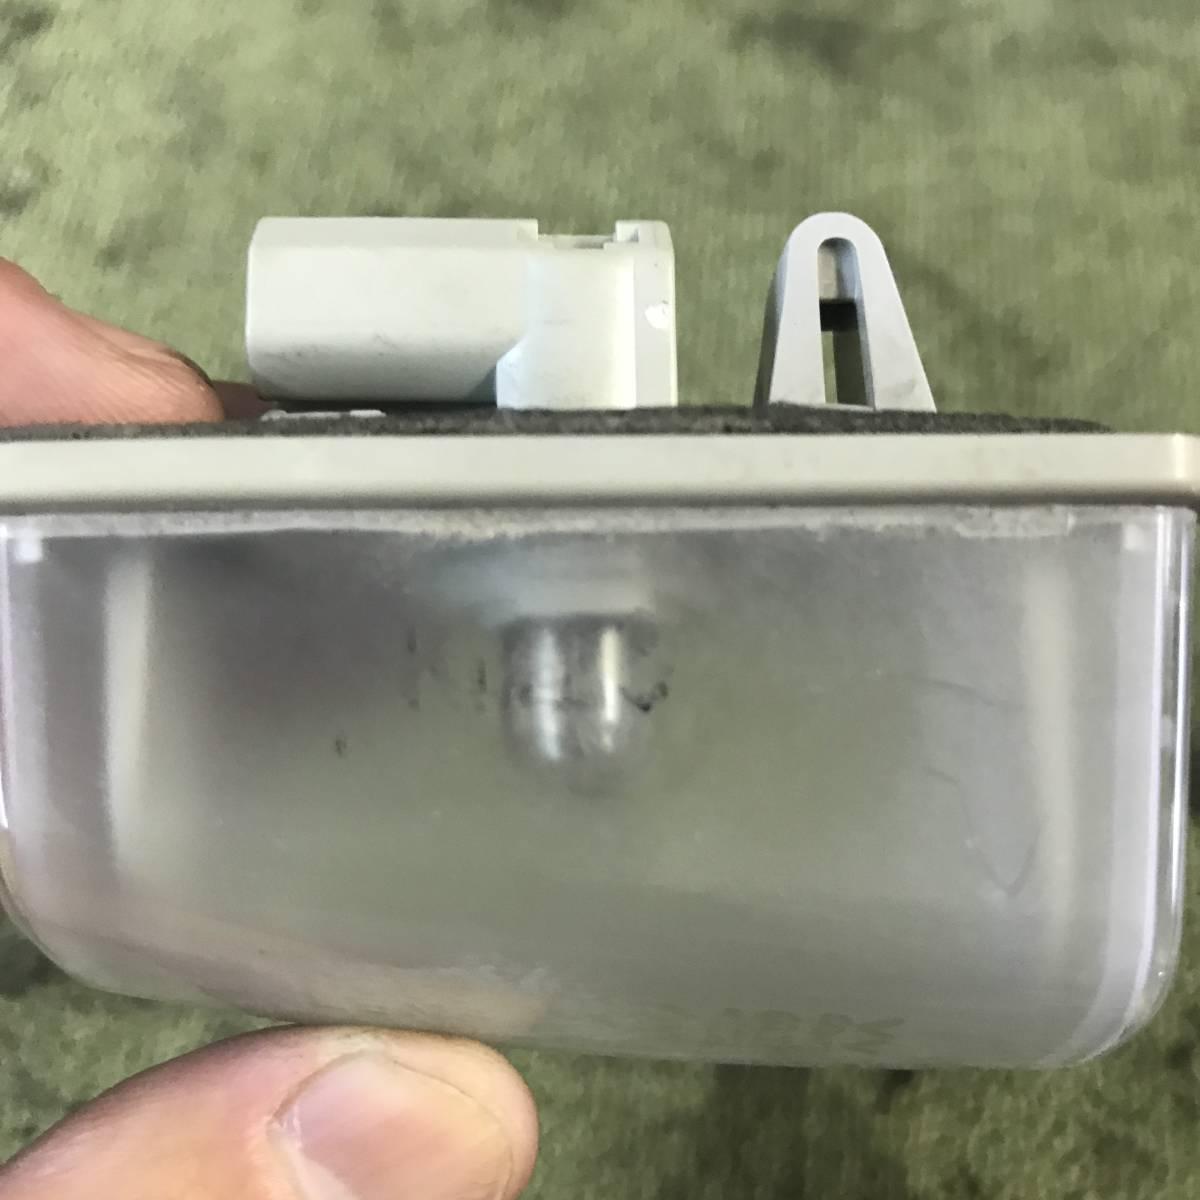 180802-5750 トヨタ セリカ zzt231 SS-Ⅱ 1.8 前期 ナンバー灯 アシストランプ ガーニッシュランプ (A)_画像2